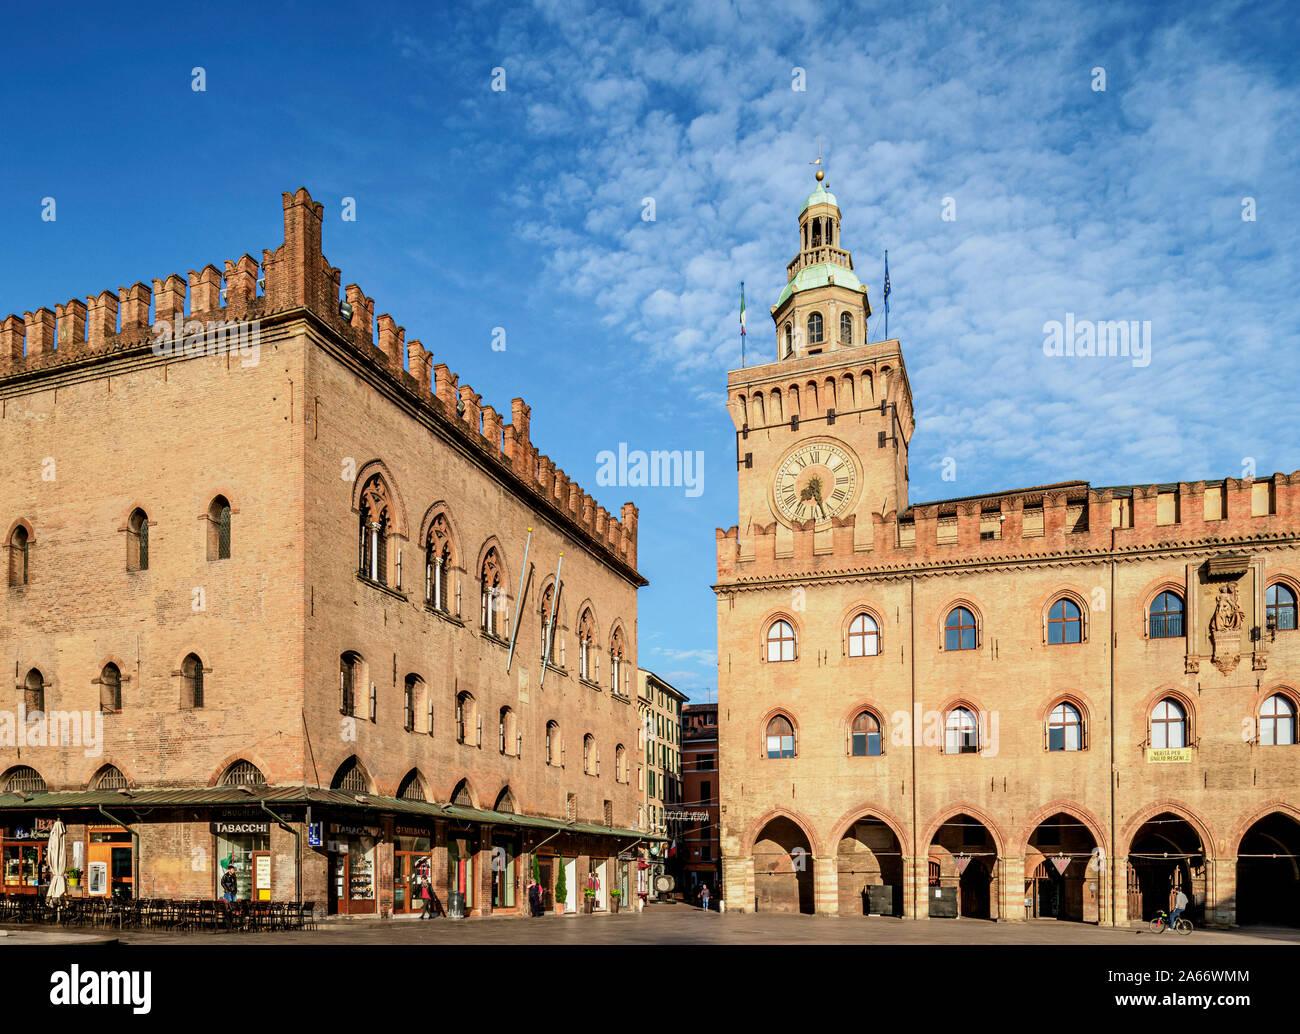 Palazzo dei Notai et Palazzo d'Accursio, Piazza Maggiore, Bologne, Emilie-Romagne, Italie Banque D'Images